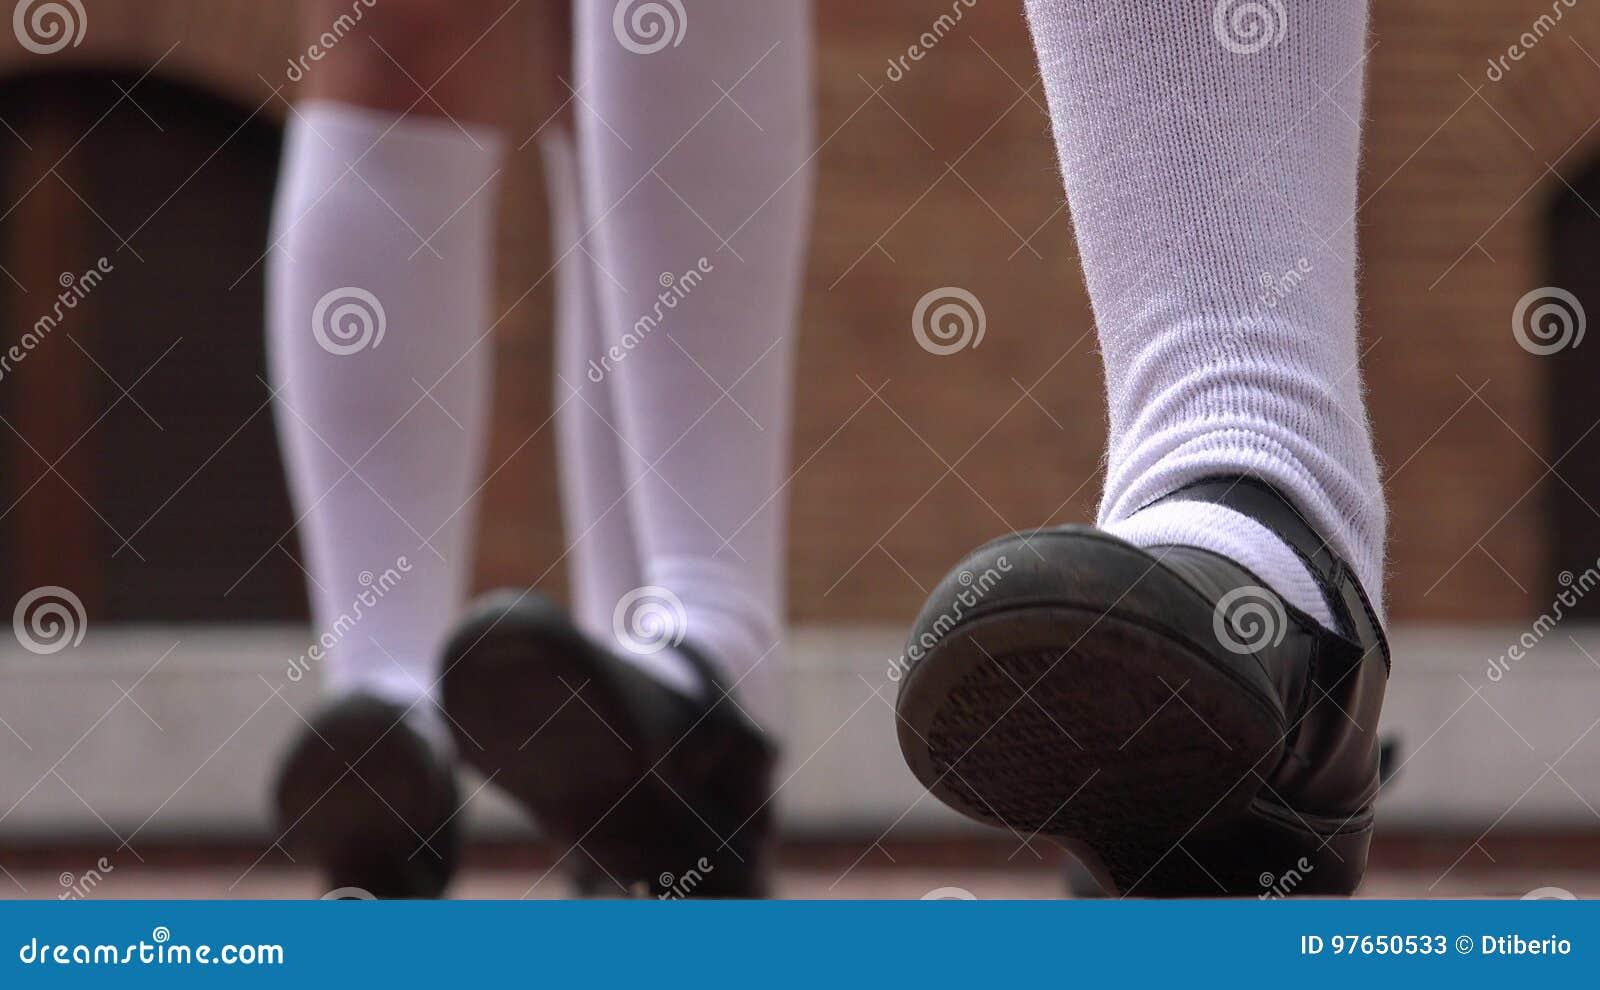 Pics teen girl feet Standing Tall